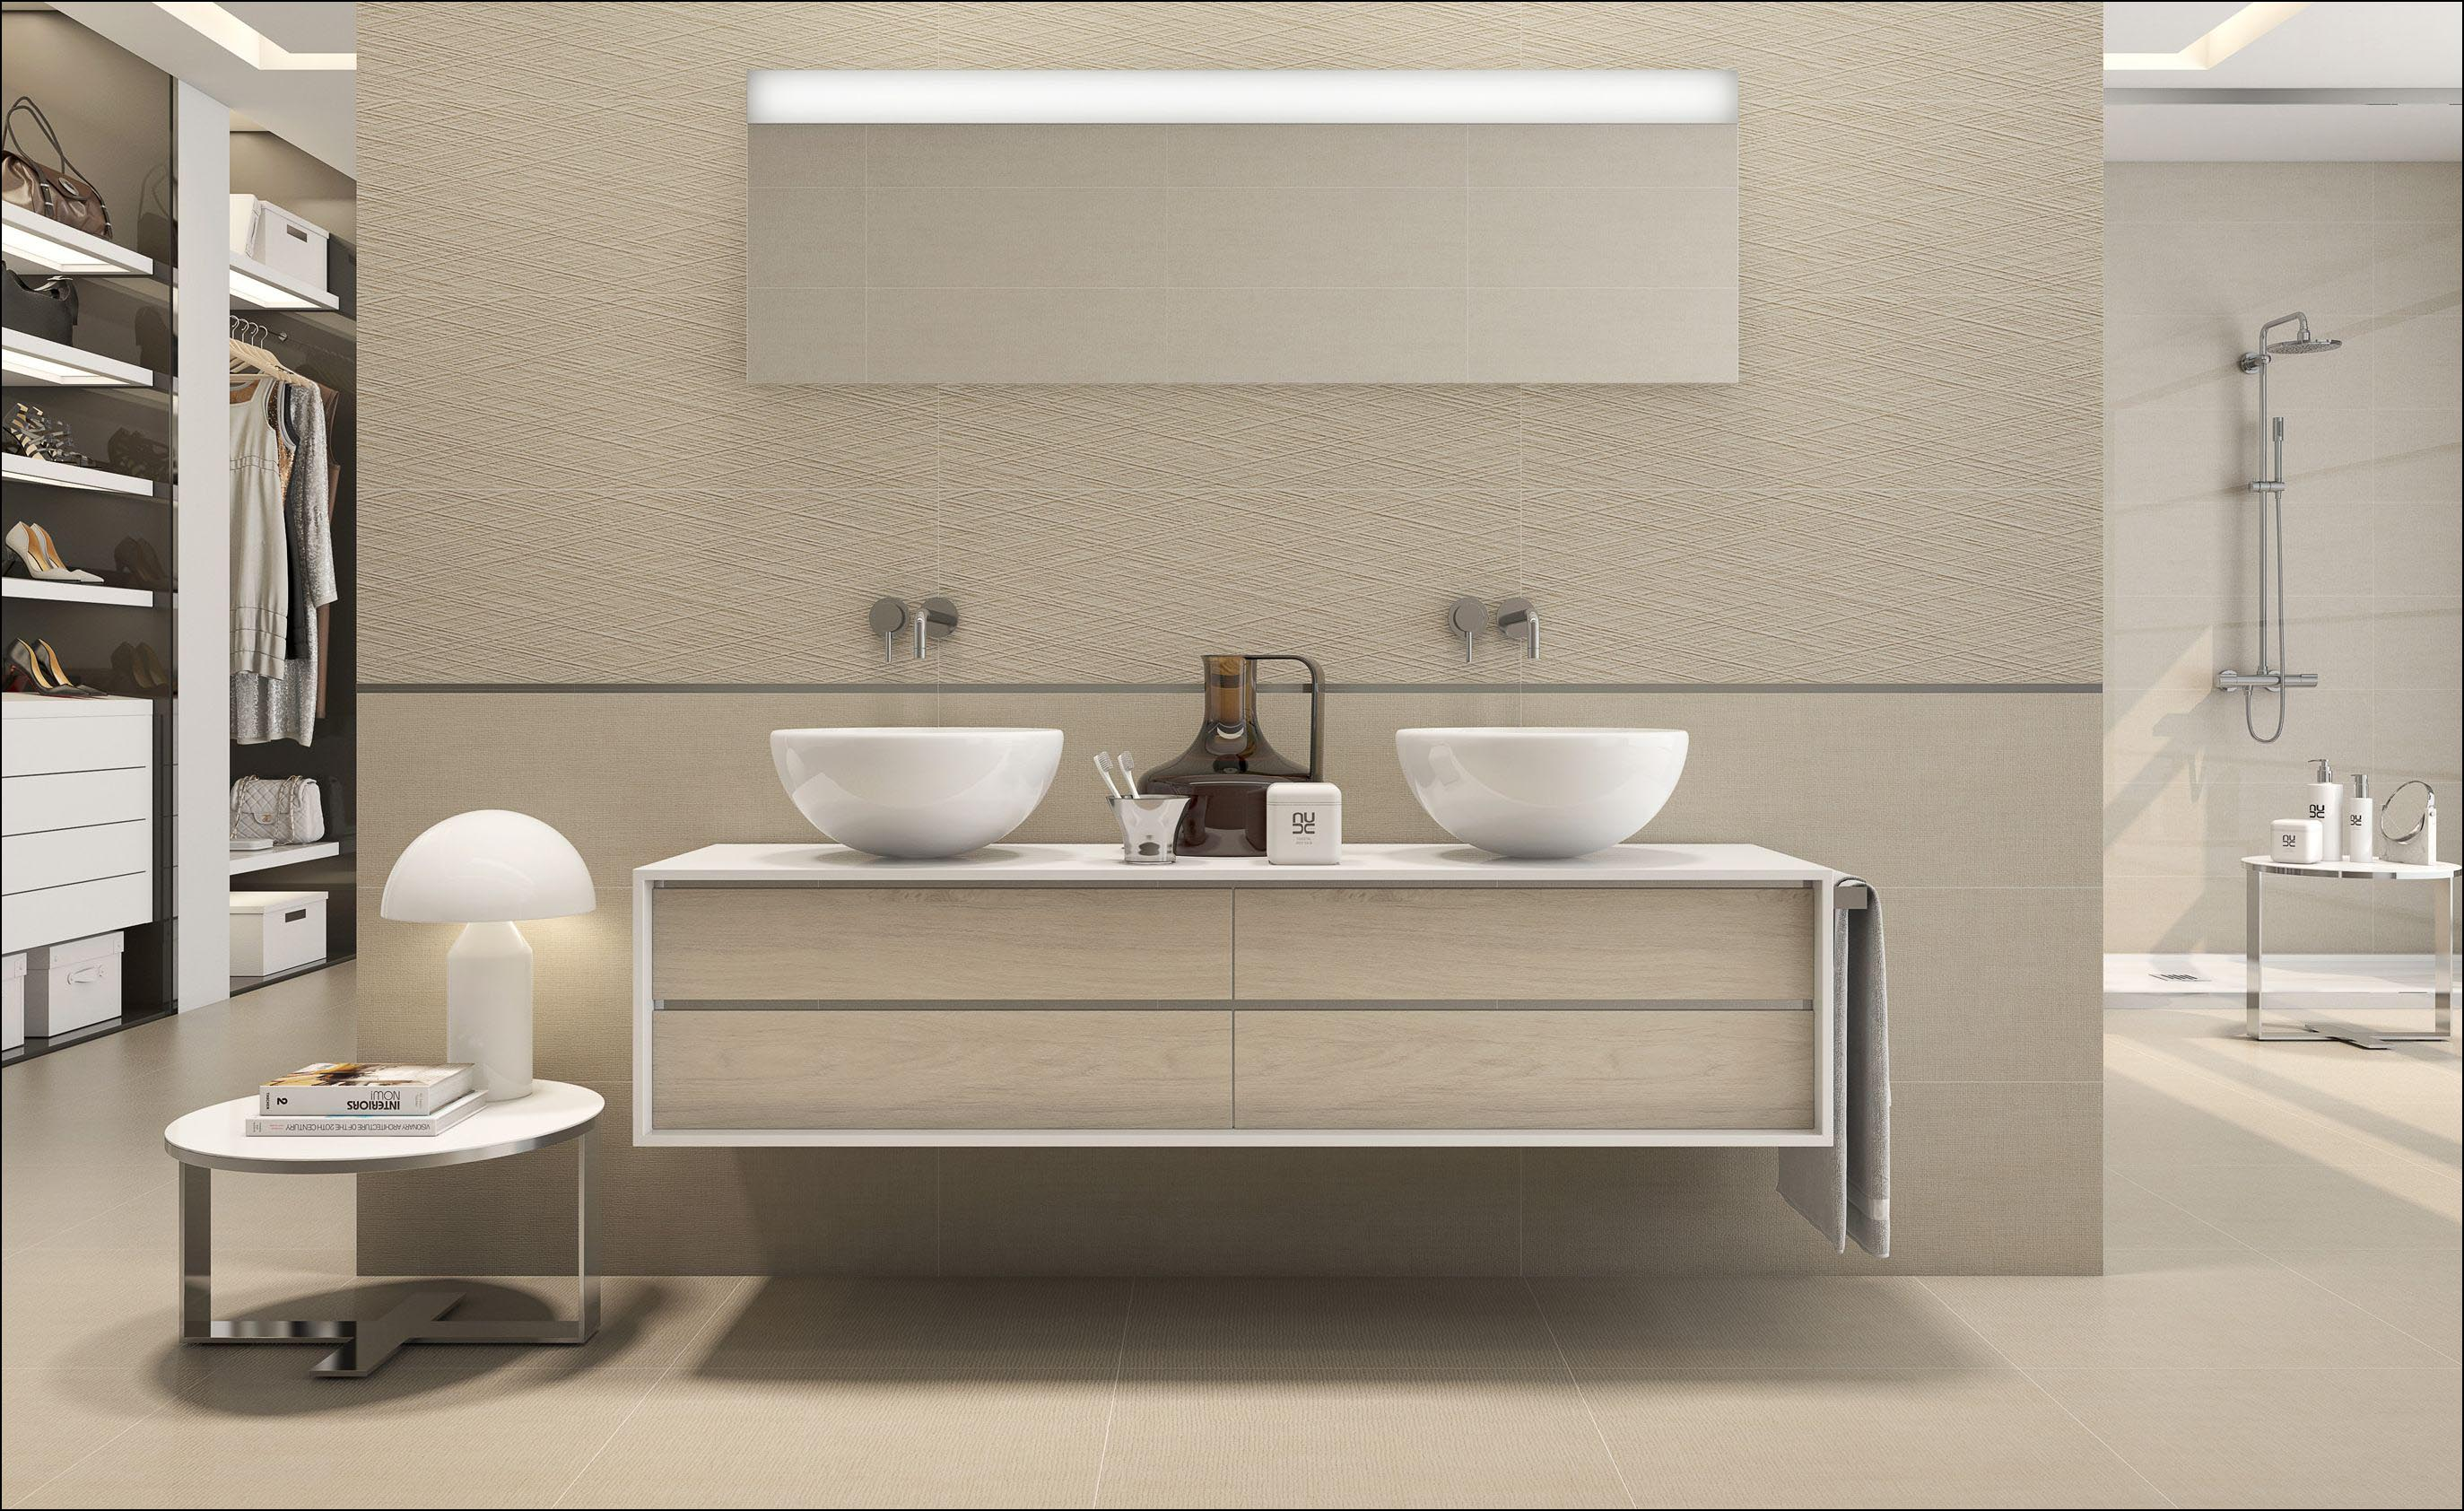 Dupla mosdószekrény két különálló mosdóval